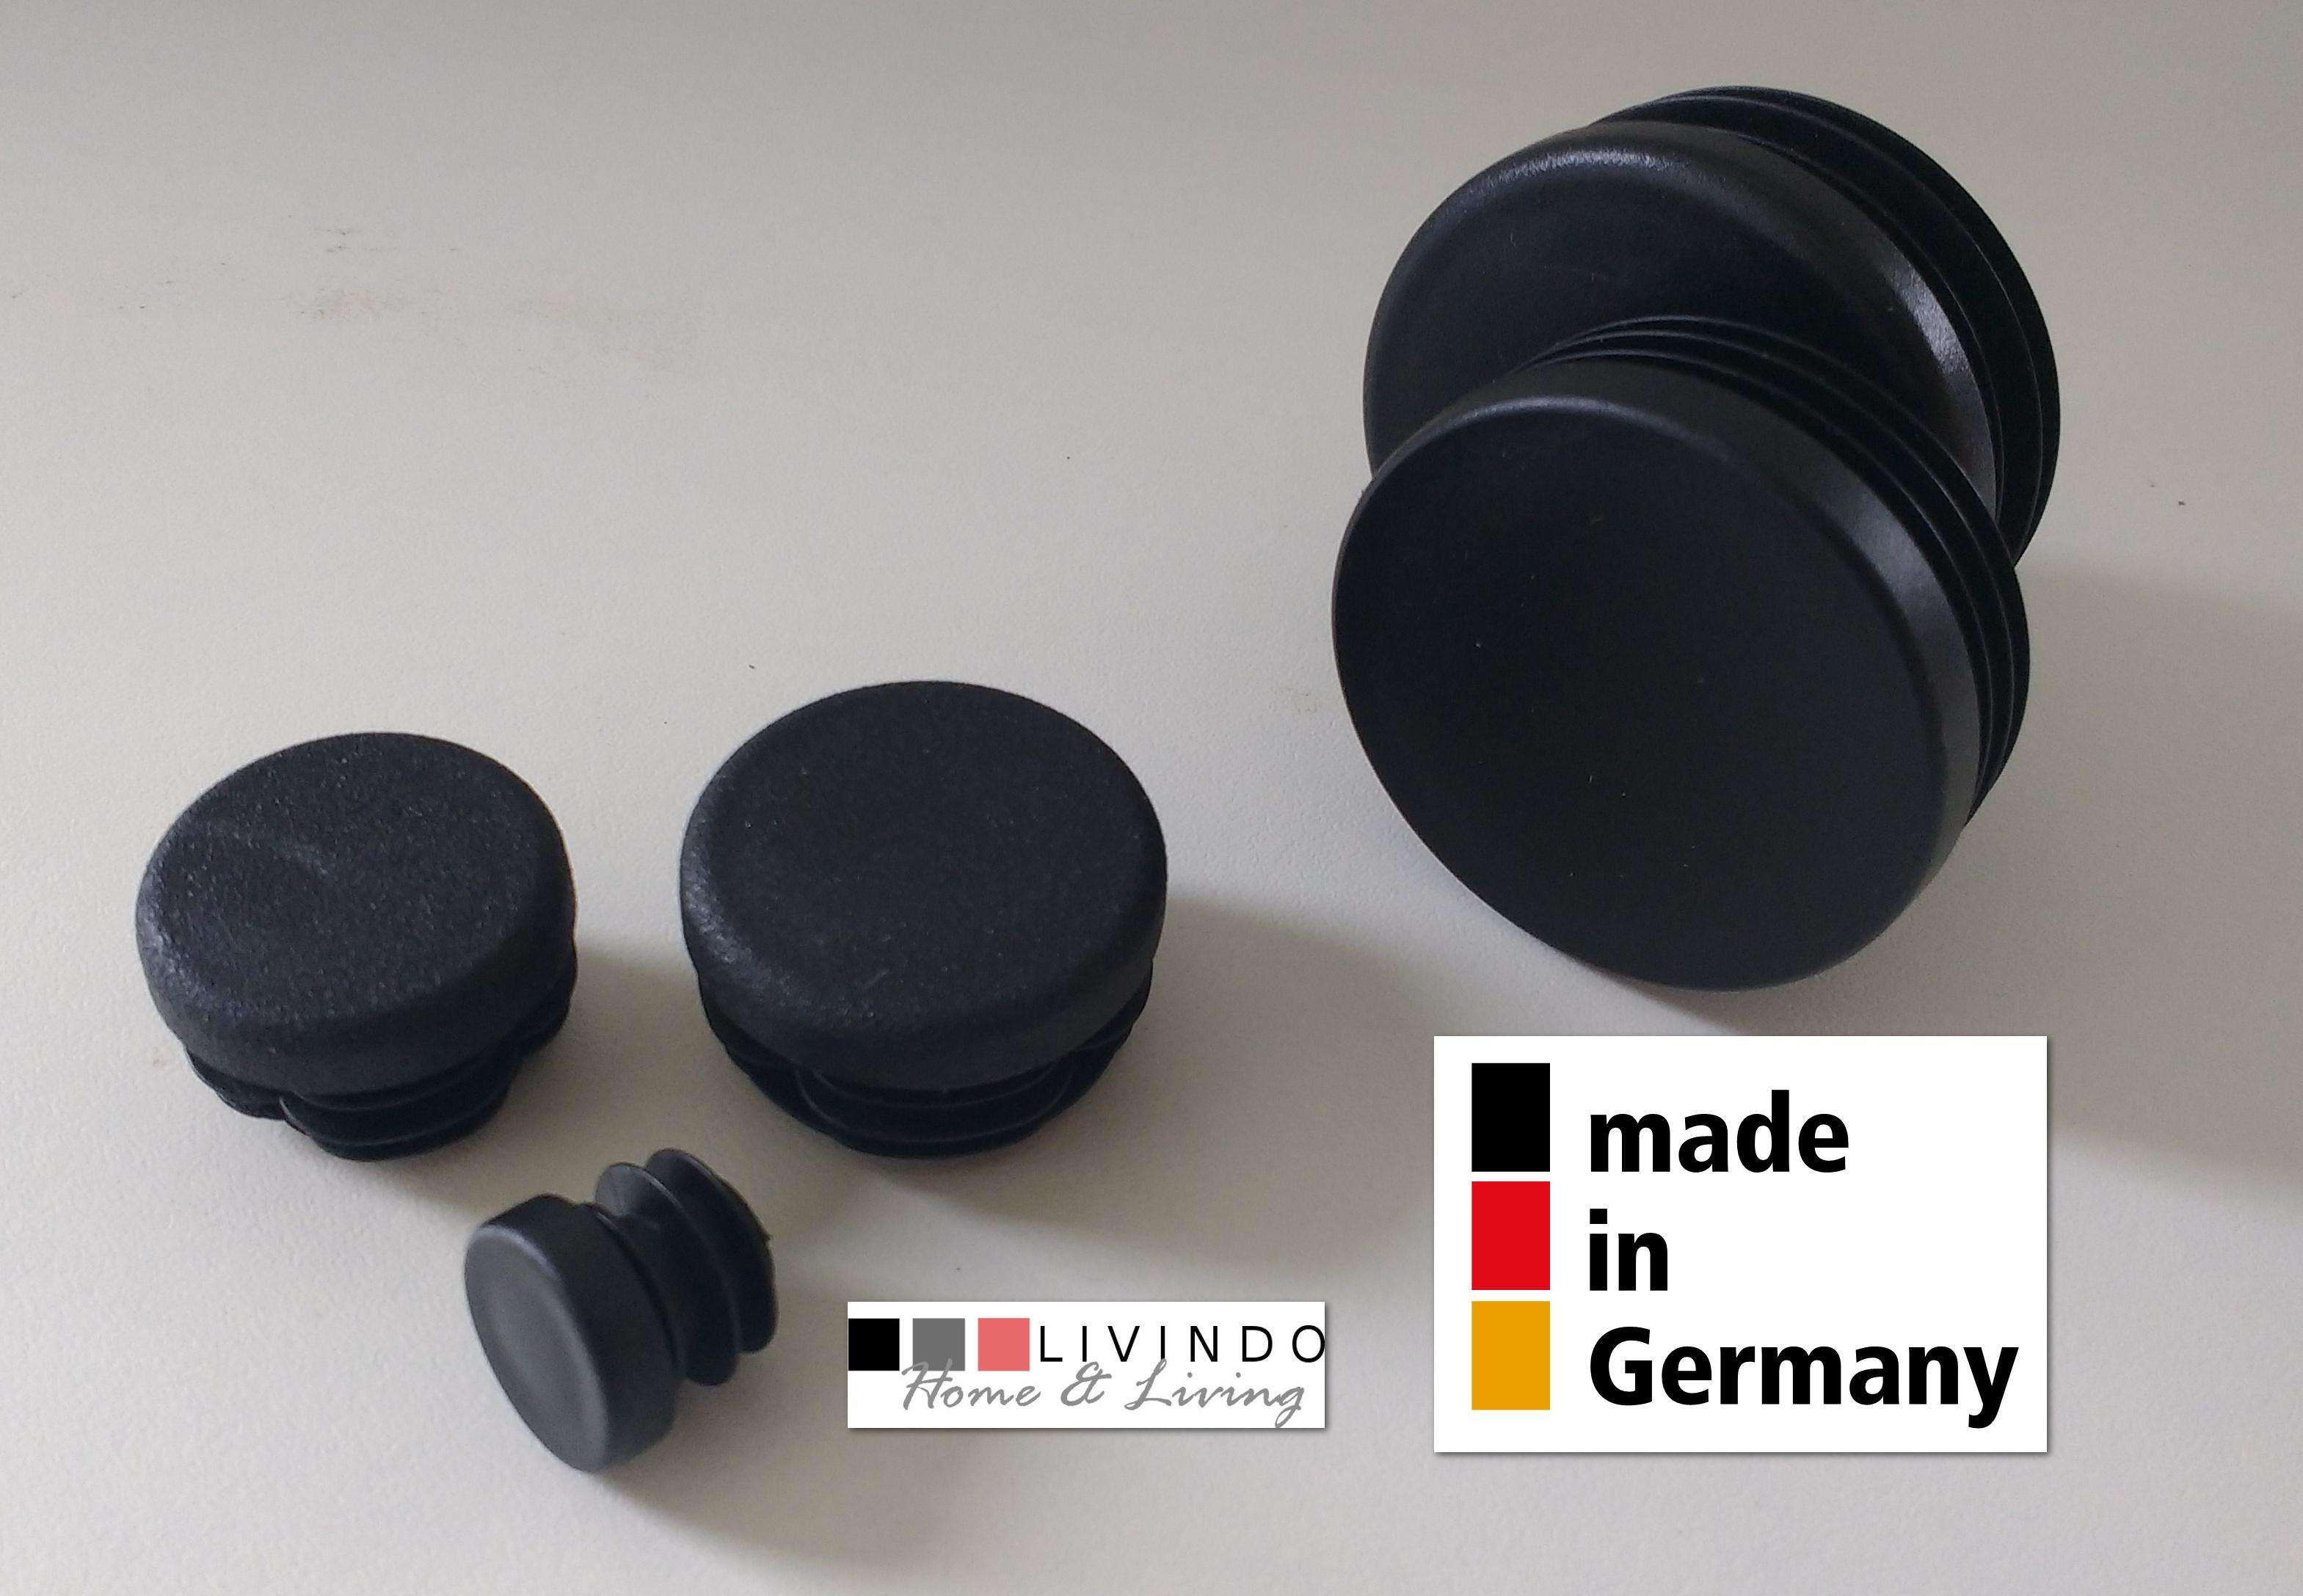 10 Stck. Lamellenstopfen Rohrstopfen Pfostenkappen Rund 80 mm Schwarz